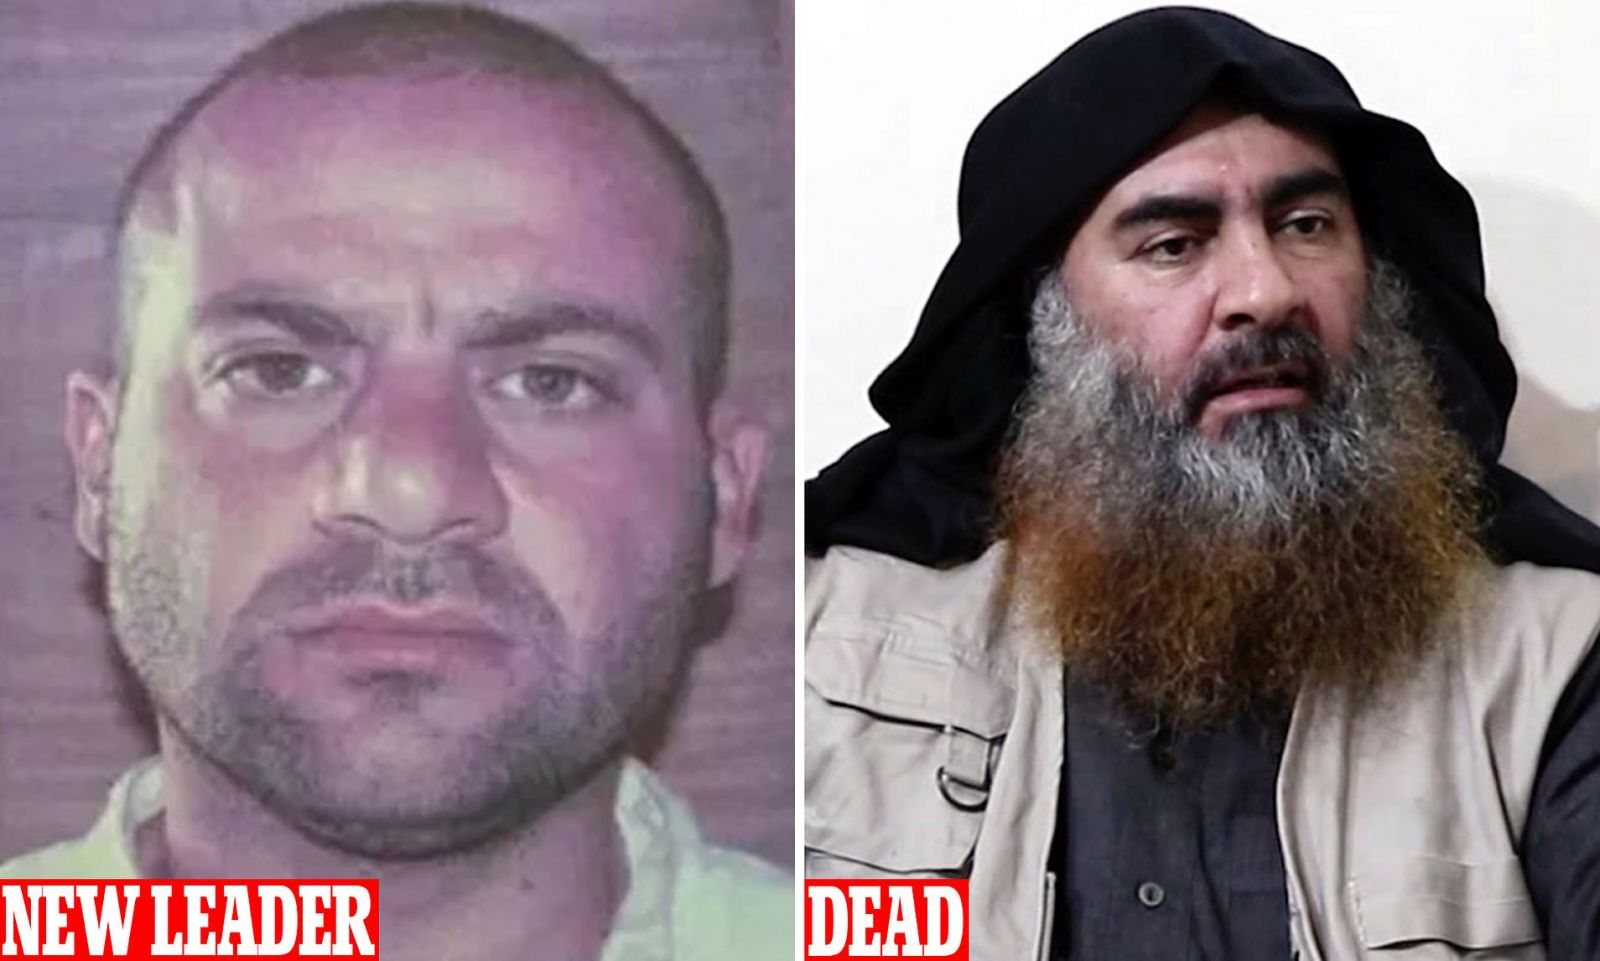 После ликвидации аль-Багдади ИГИЛ избрало нового лидера, – СМИ